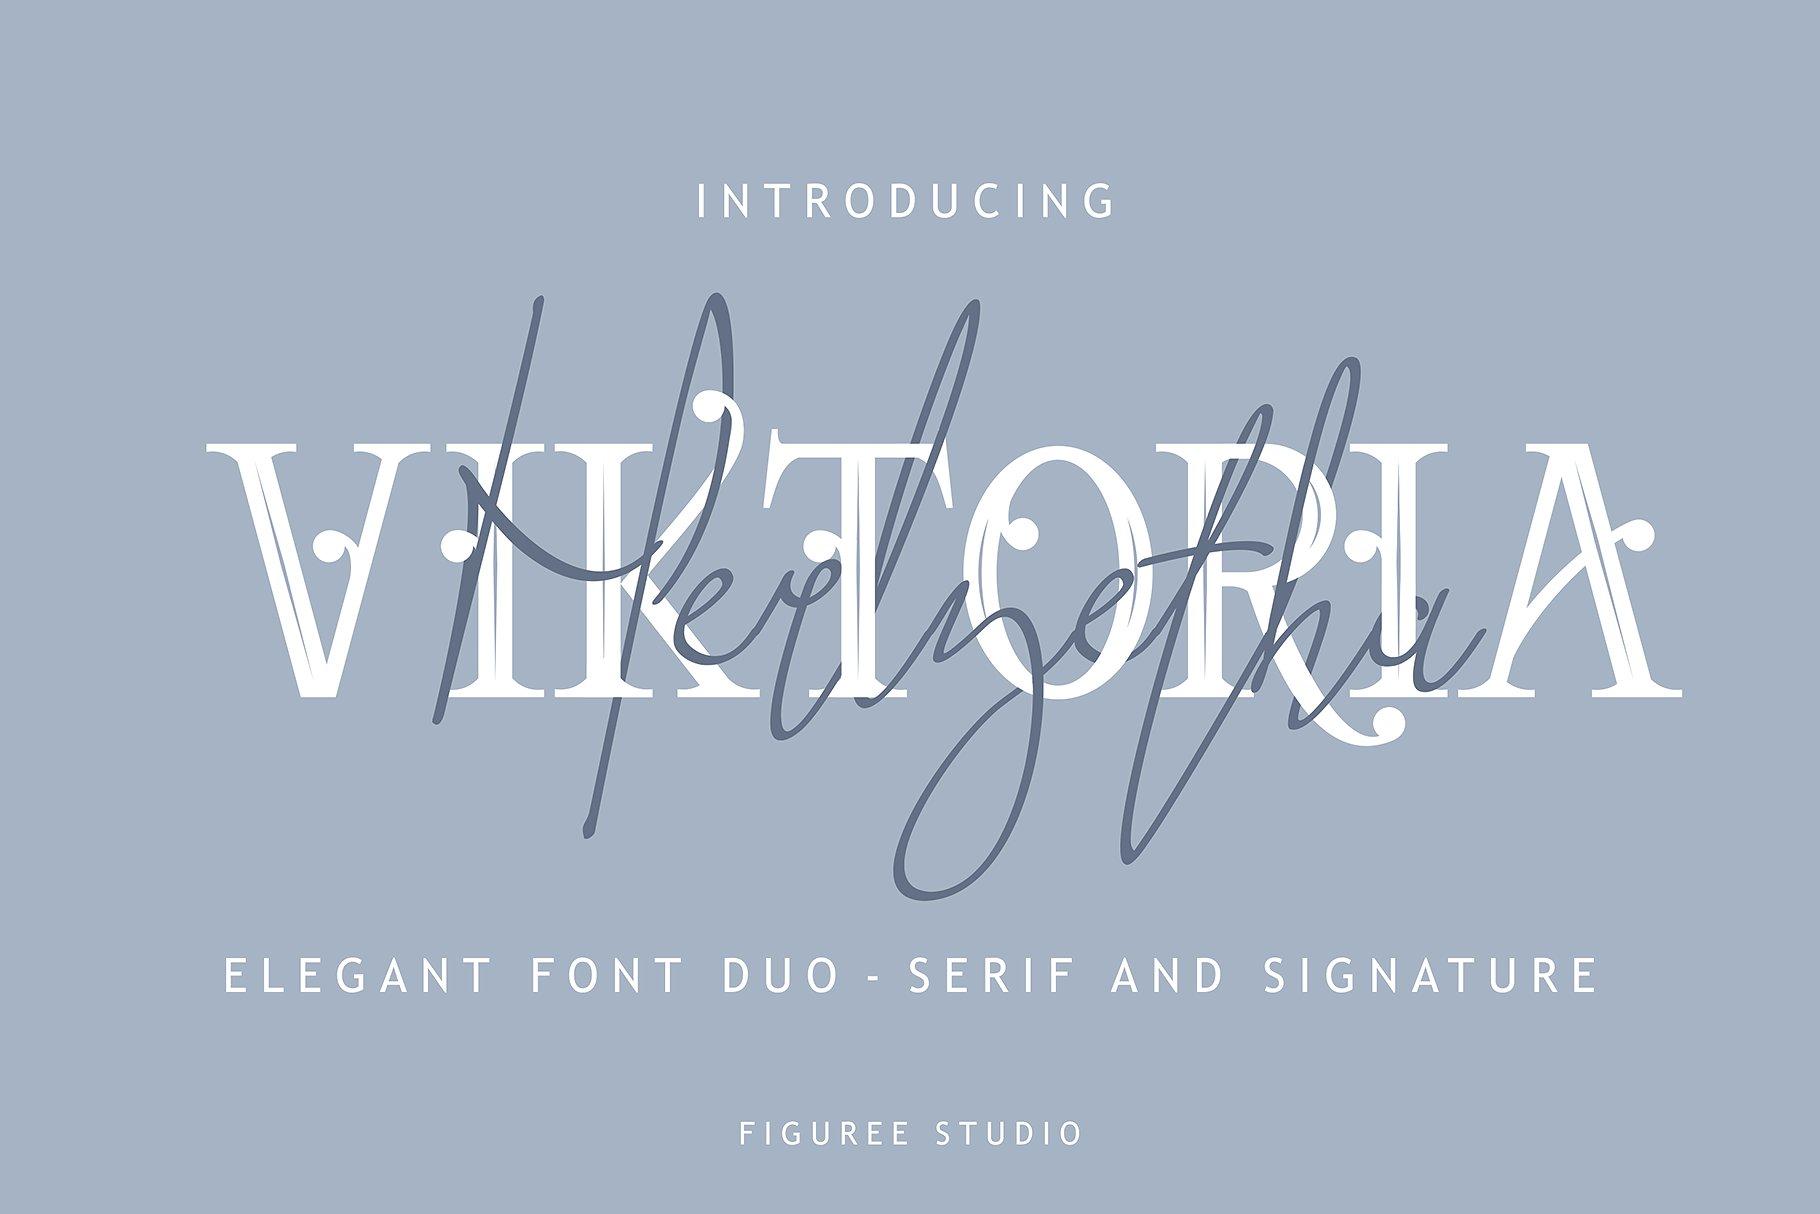 viktoria-elegant-font-duo